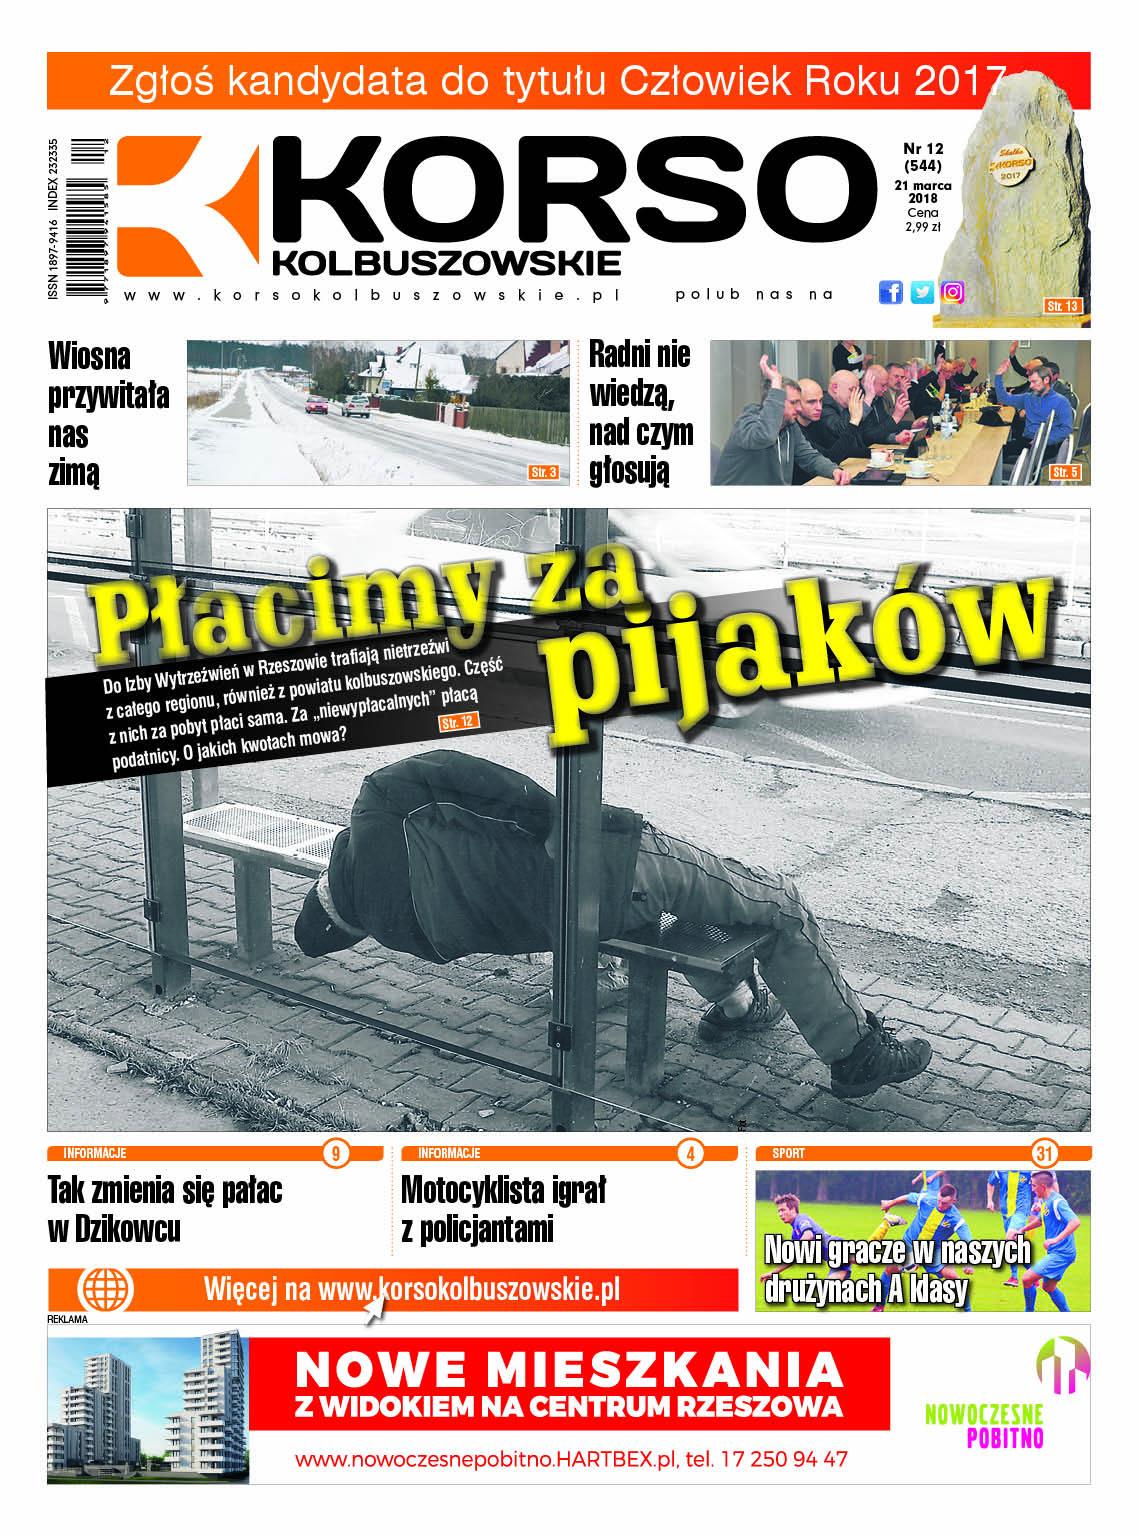 Nowy numer Korso Kolbuszowskie - nr 12/2018 - Zdjęcie główne